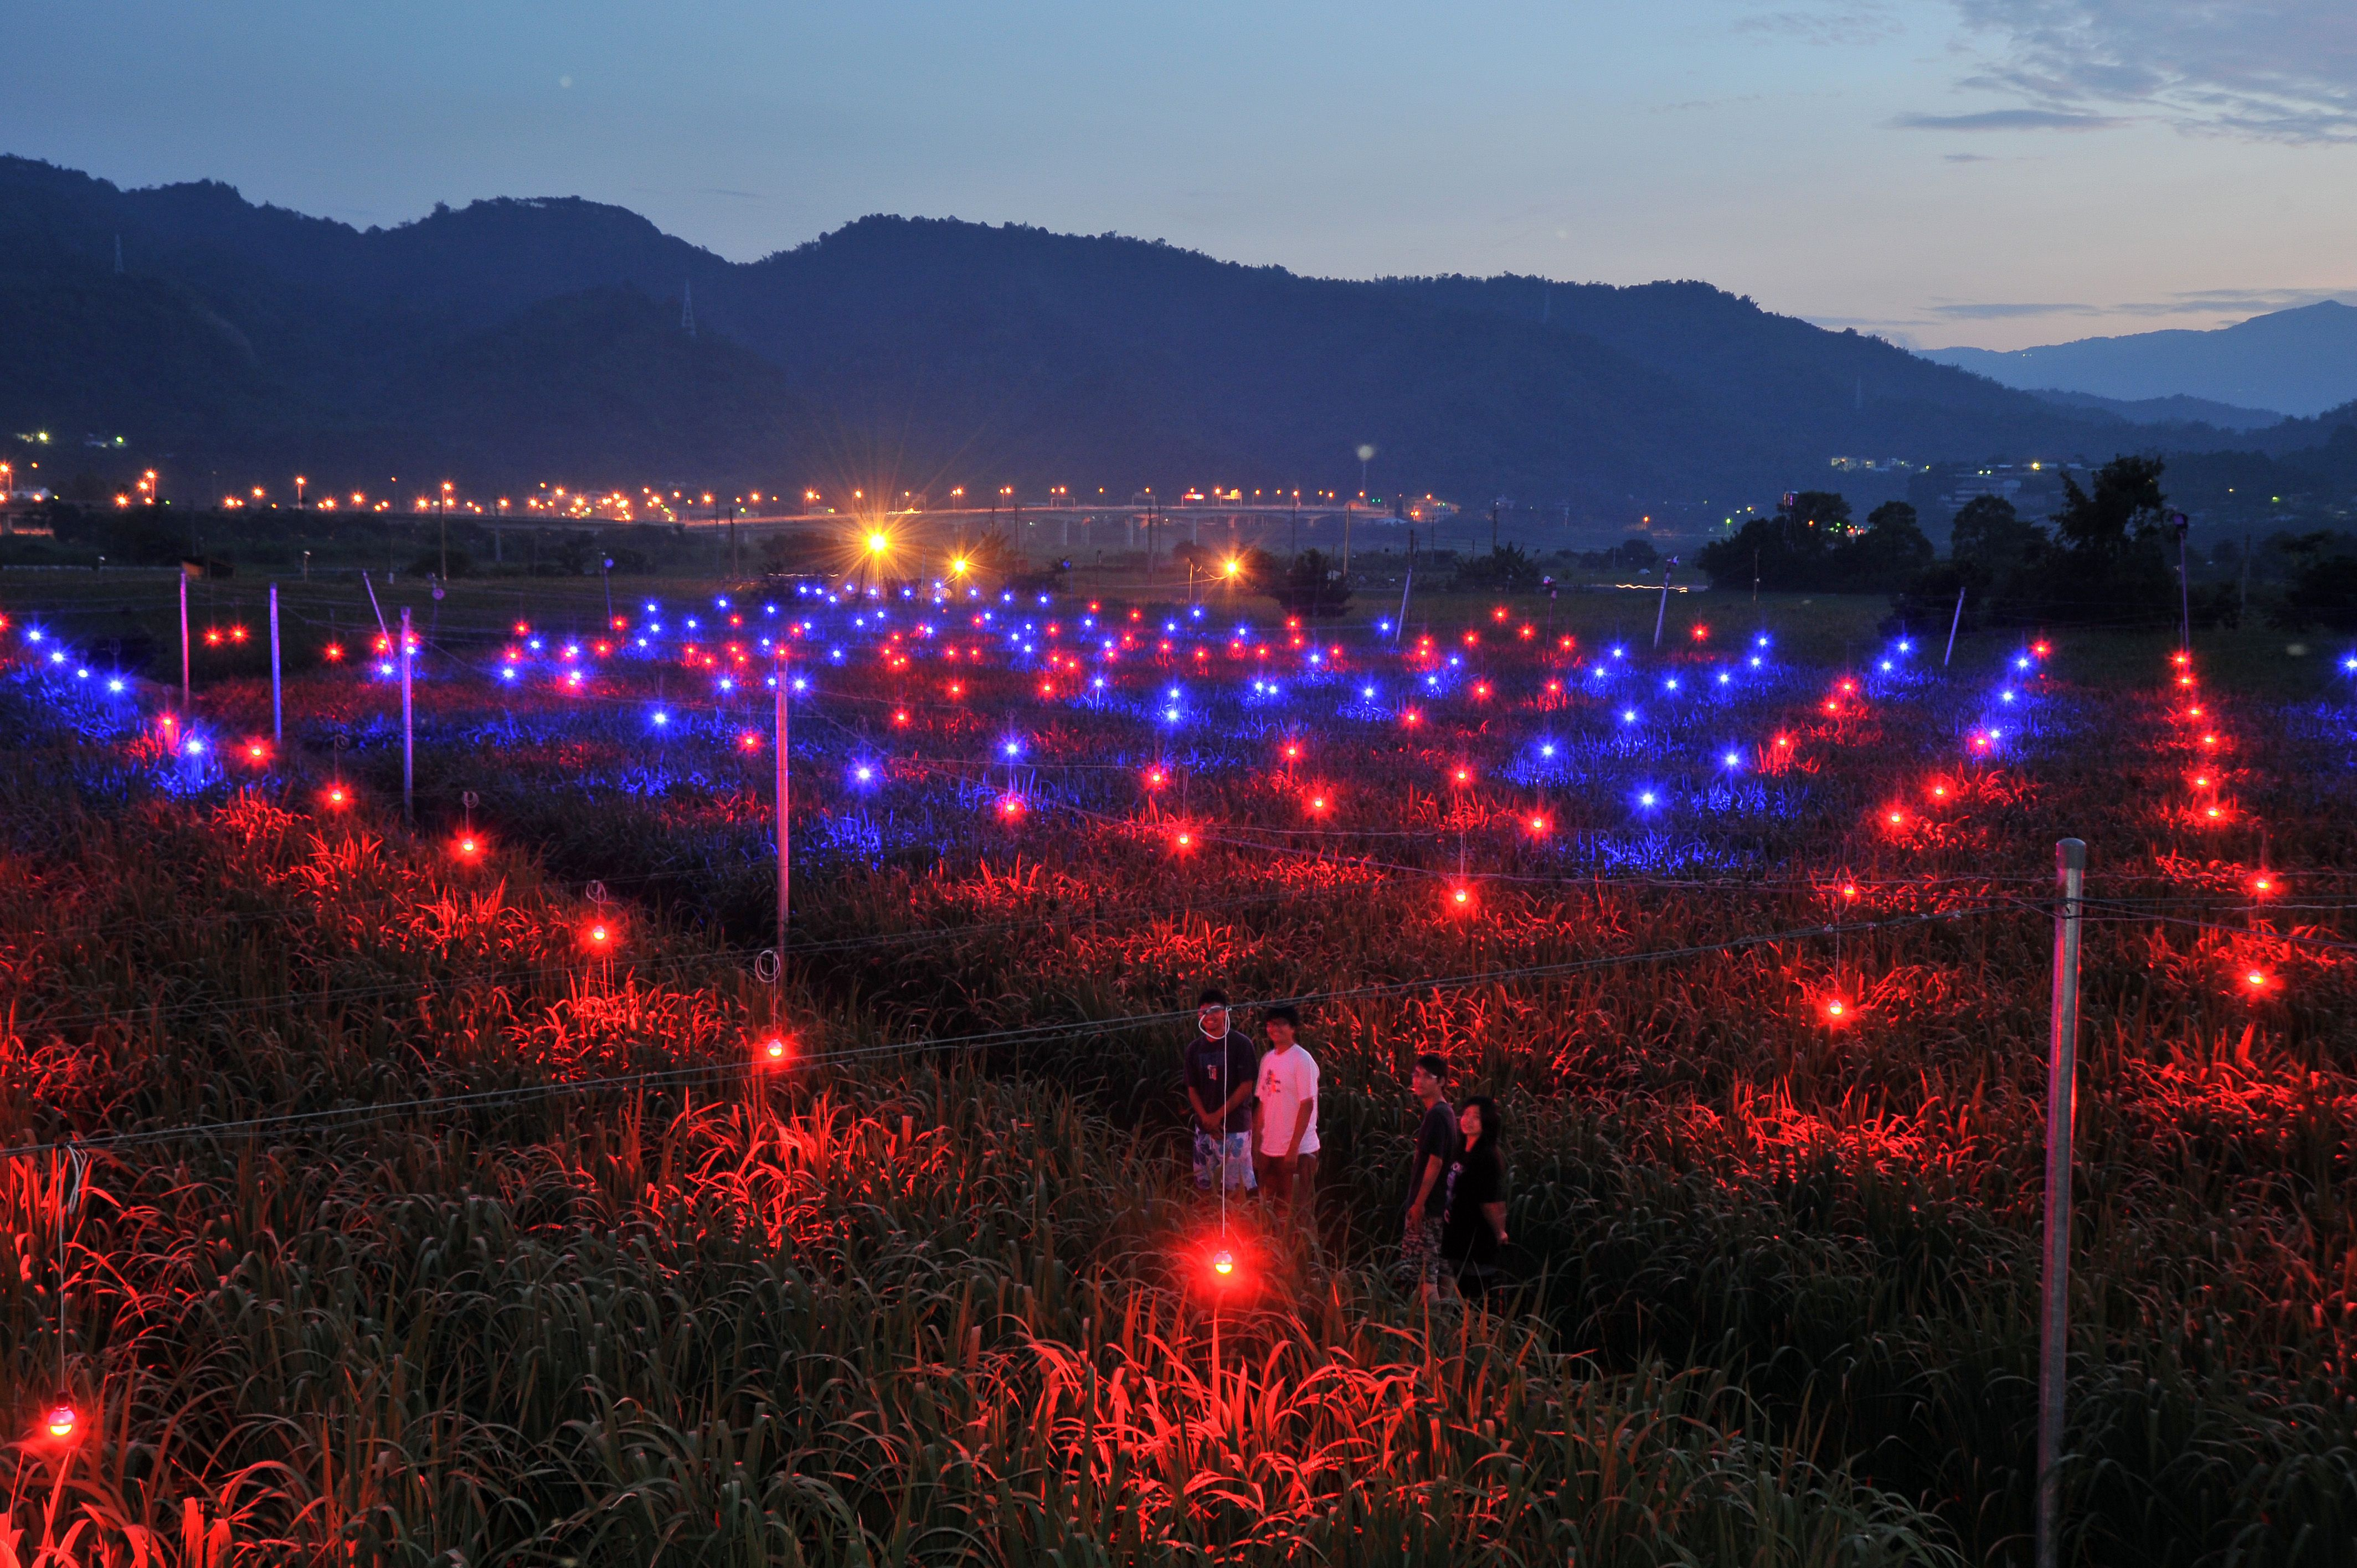 工研院團隊於 2010 年冬季開始在埔里茭白筍田架設陣列式的 LED 光源,試驗最適合茭白筍生長的光波長;紅藍相間的光點如繁星般地散落其中,是當時十分特別的埔里夜景。圖片來源:《為什麼非要創新不可》提供